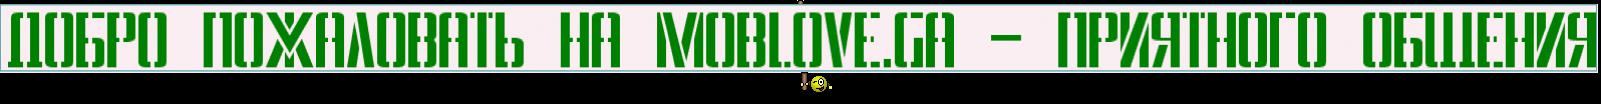 Добро пожаловать на MobLove.Ga - Приятного общения